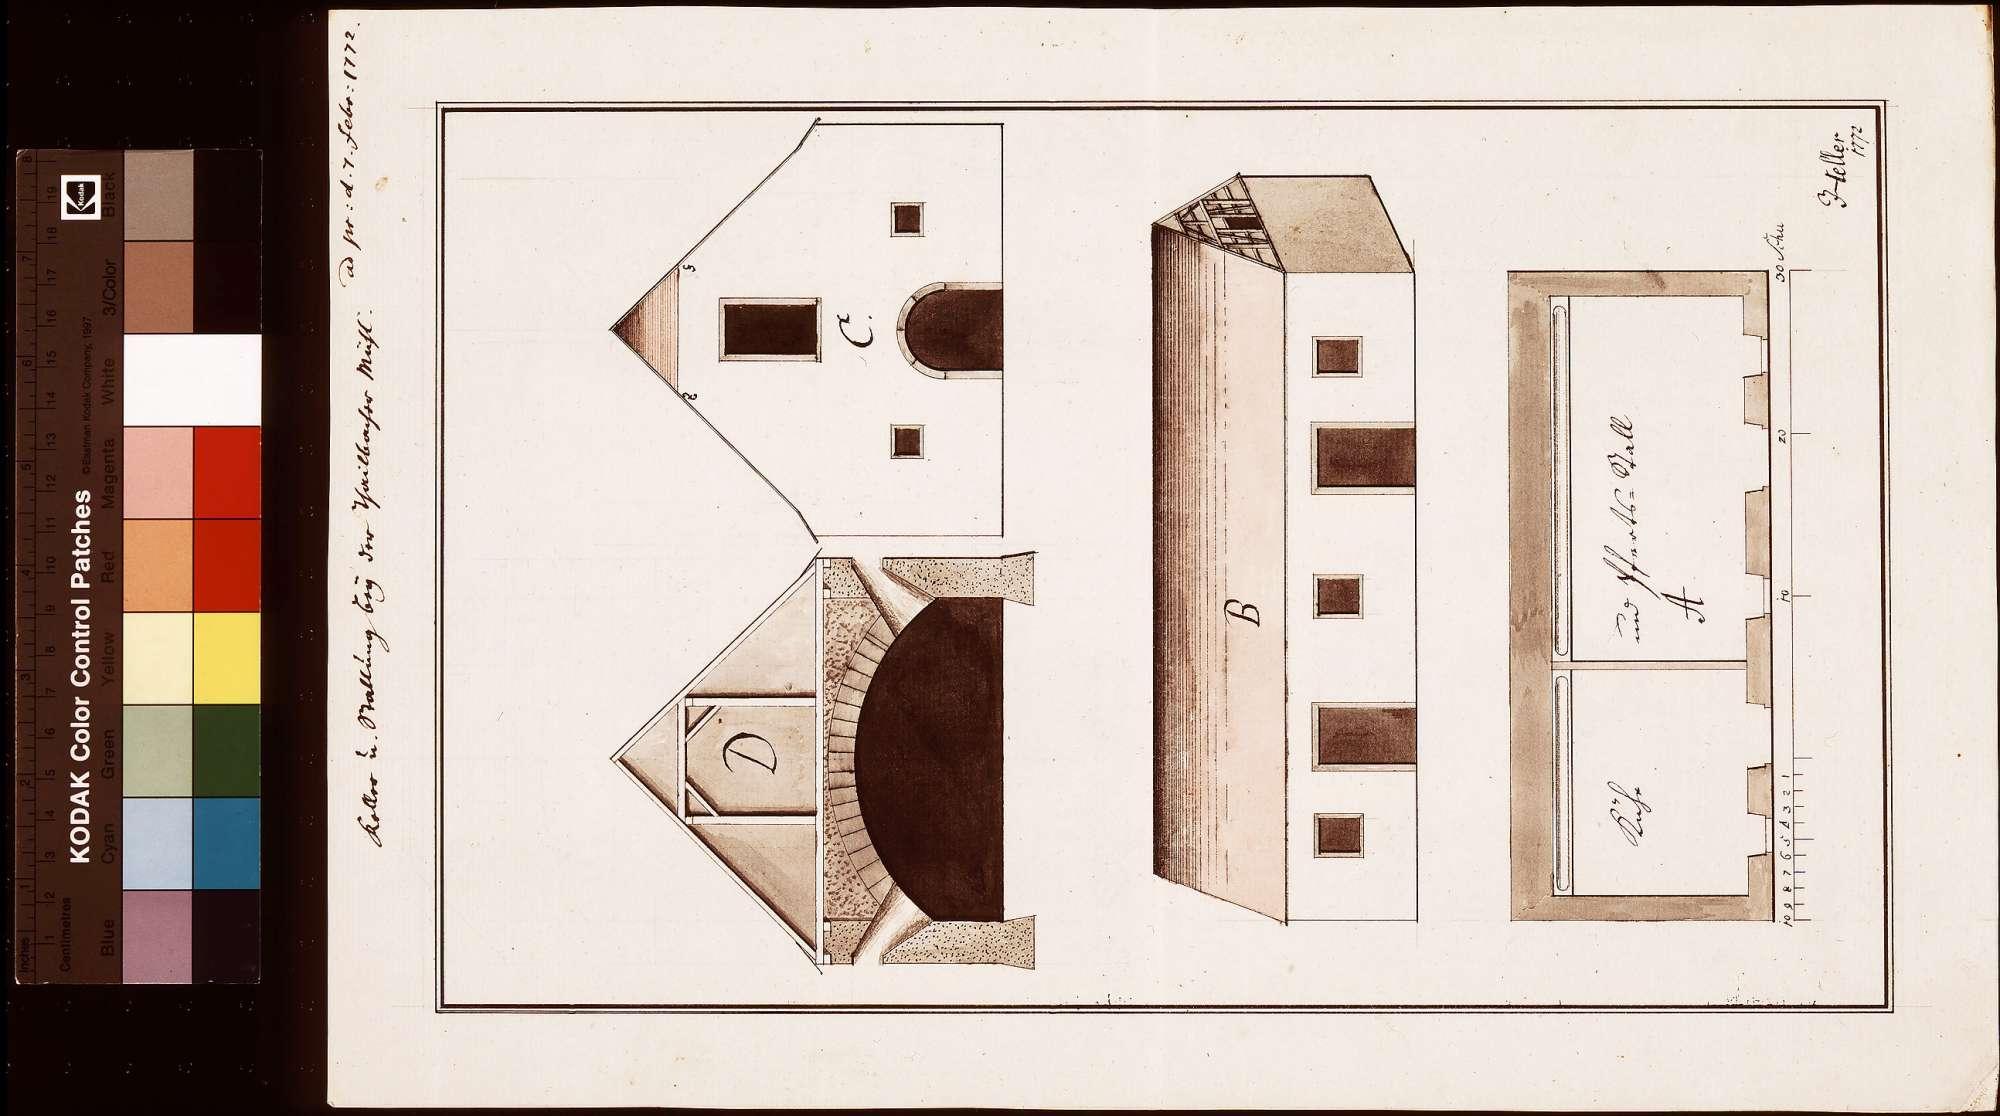 Thailbacher (Teilbacher) Mühle-Keller und Stallung, Bild 1